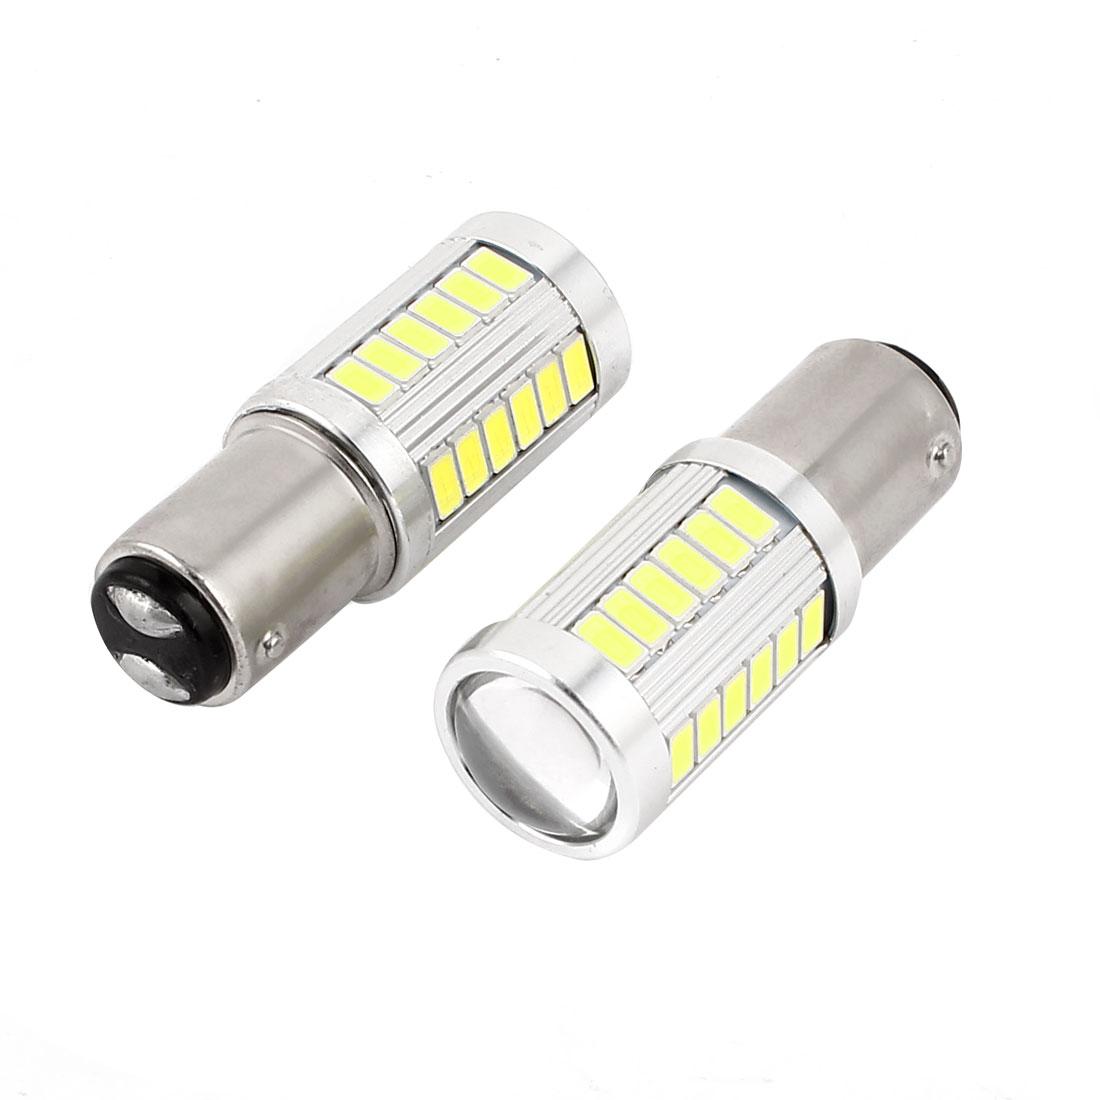 2 Pcs 1157 White 5630 SMD 33 LED Car Tail Turn Brake Light Signal Lamp Bulb